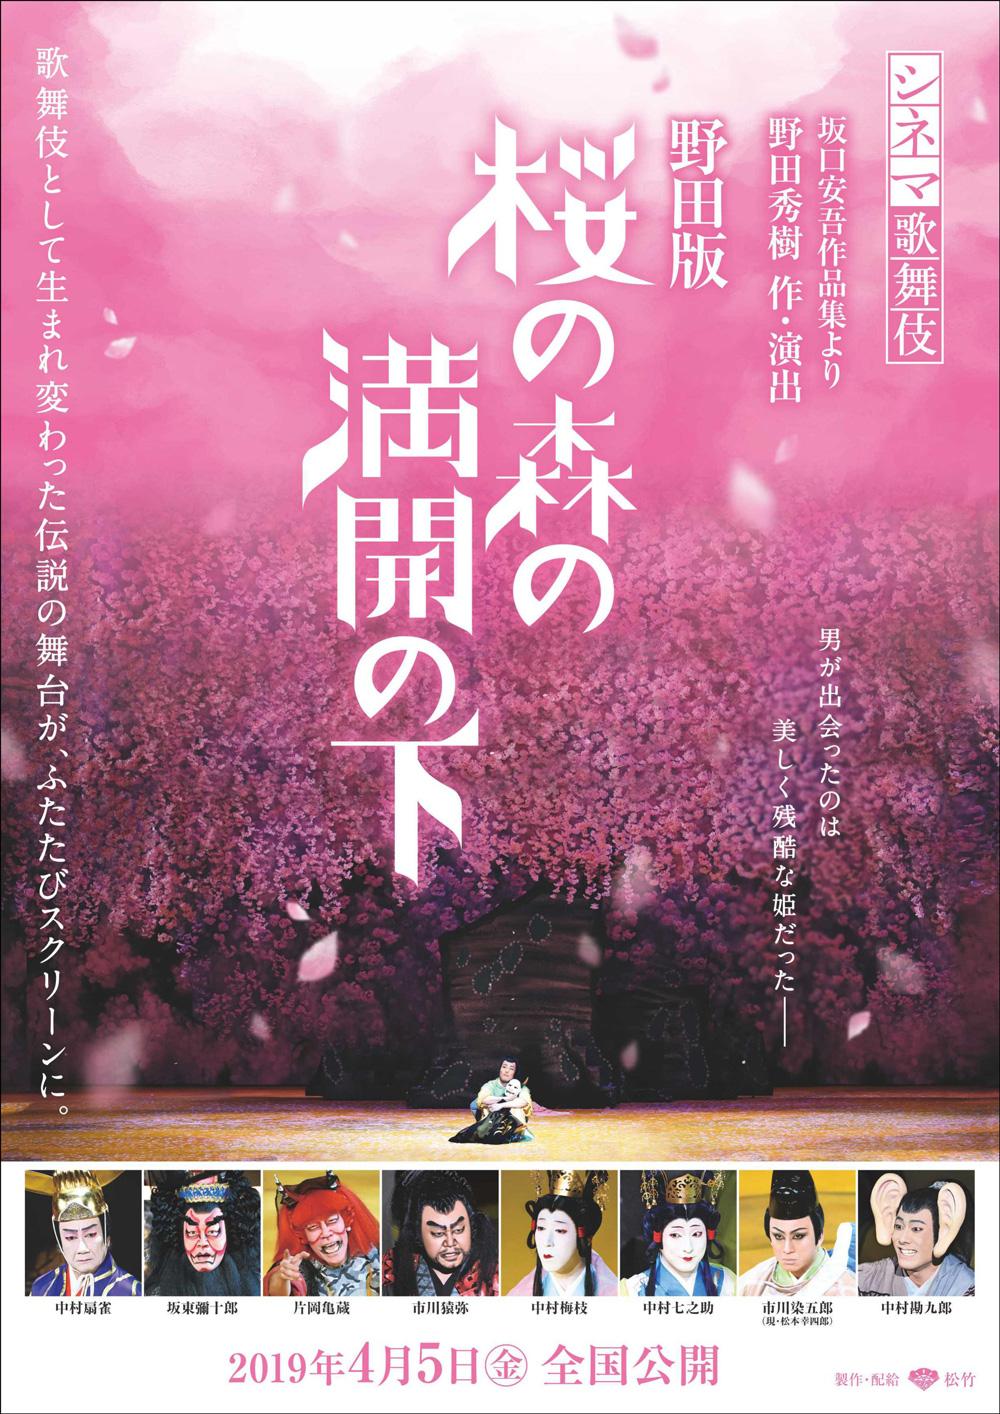 シネマ歌舞伎『野田版 桜の森の満開の下』を野田秀樹が語る